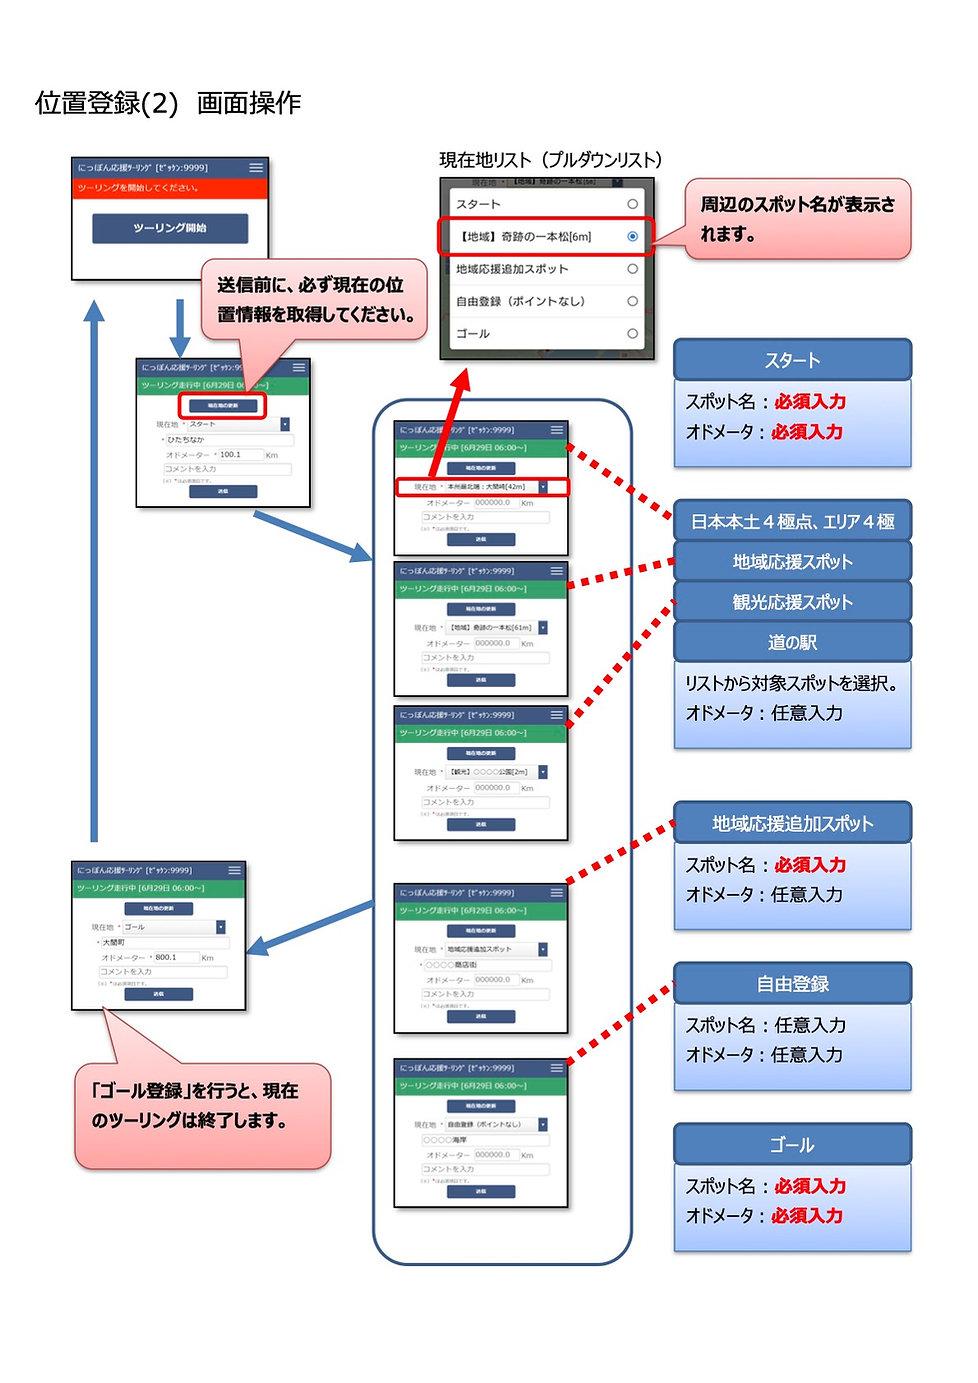 2021応援ツーリングシステム利用方法4.jpg